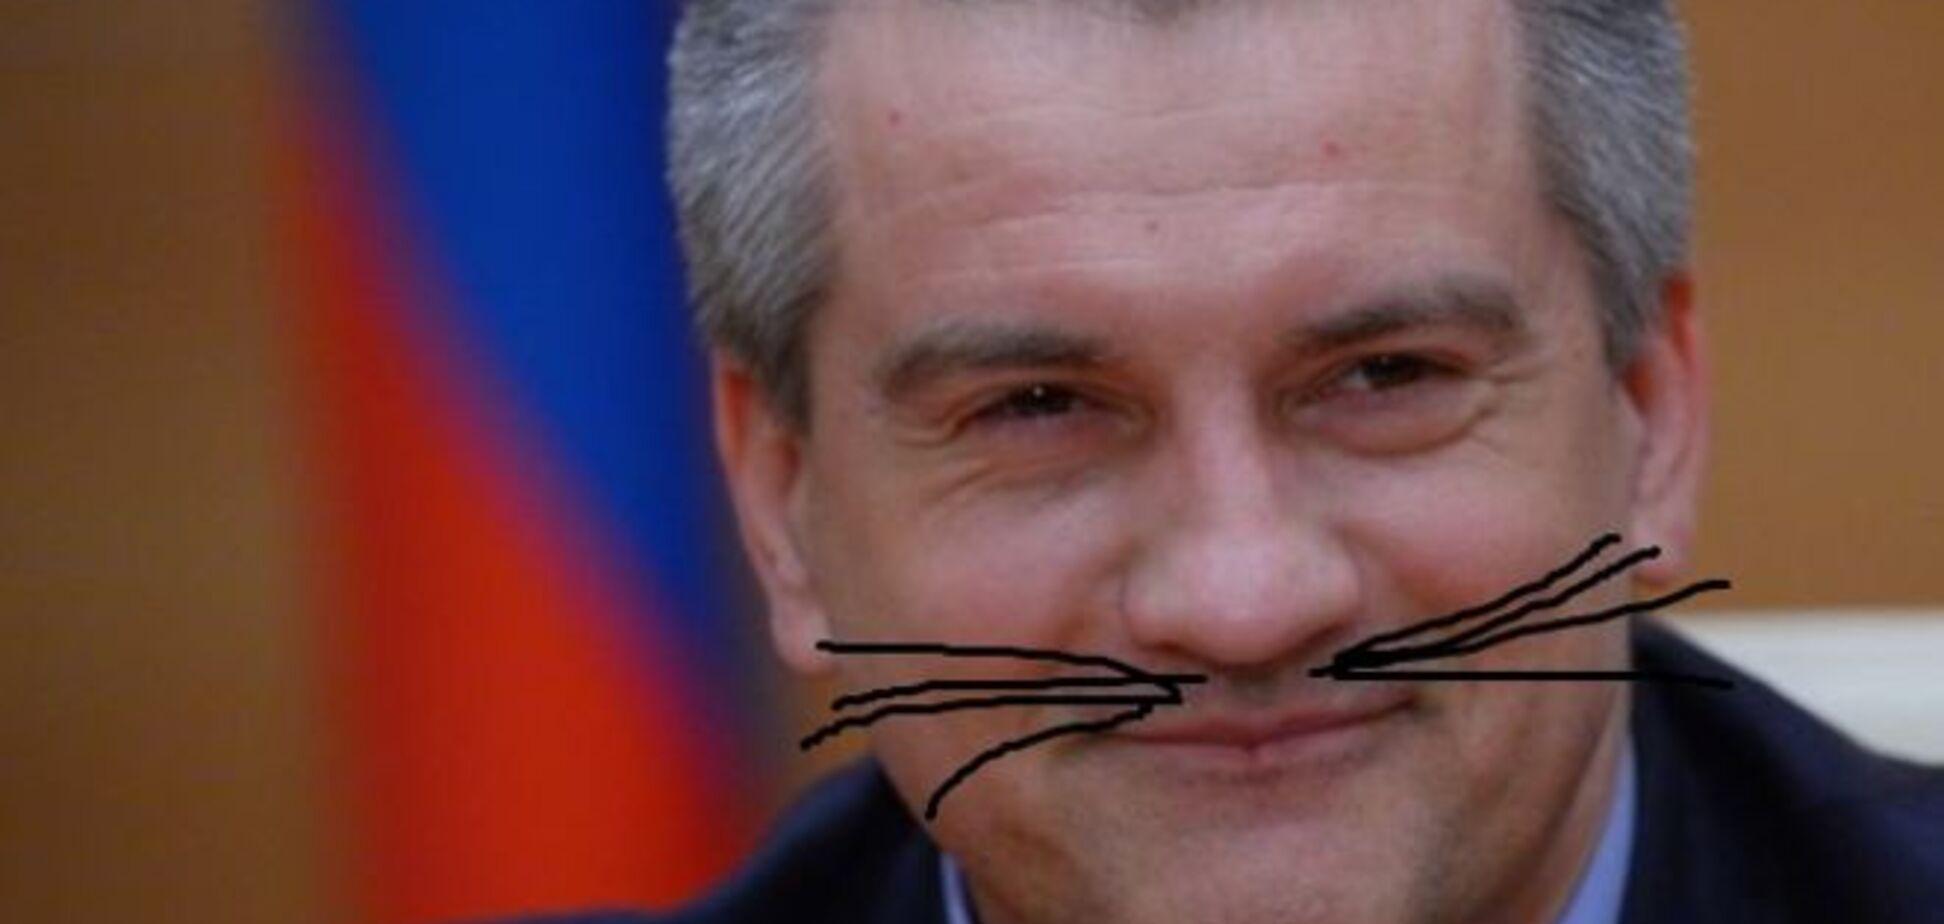 Где логика? Аксенов с 'усами и хвостом' посоветовал ГПУ тренироваться на кошках